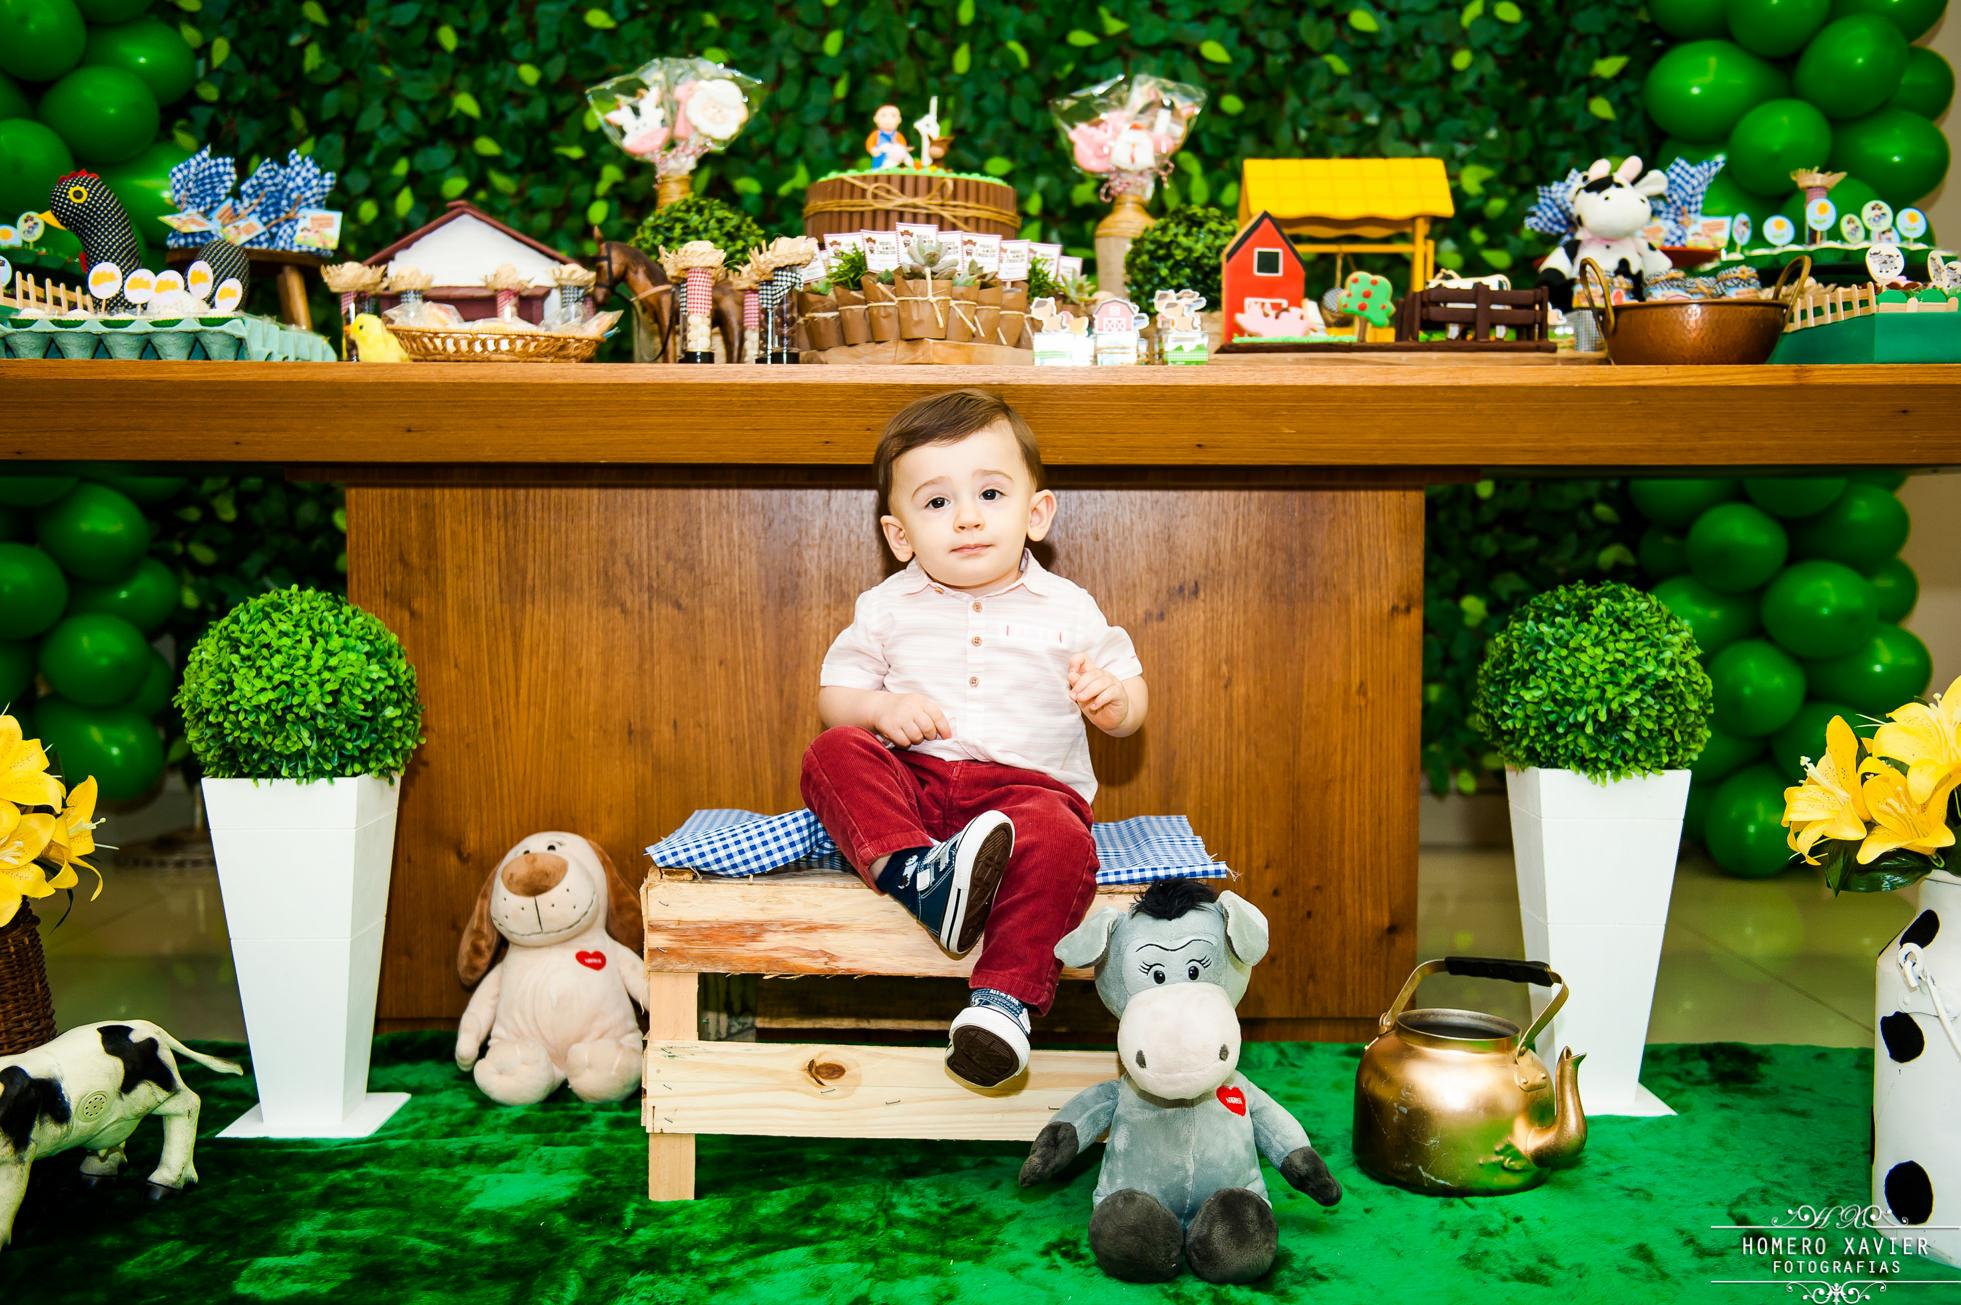 fotografia festa infantil fazendinha BH